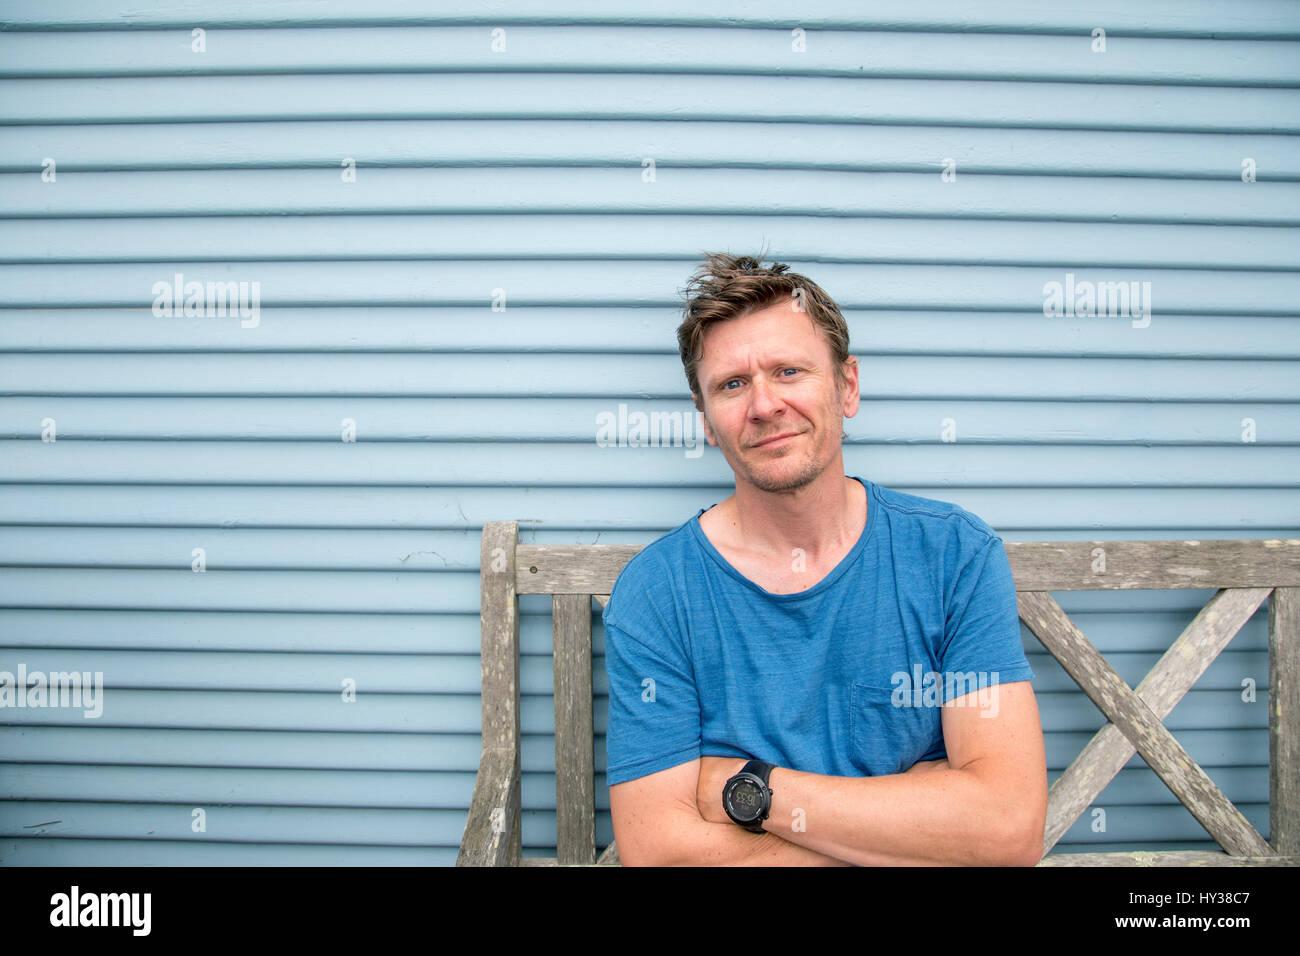 Stati Uniti, California, Pacific Grove, uomo seduto su una vecchia panca di legno Immagini Stock